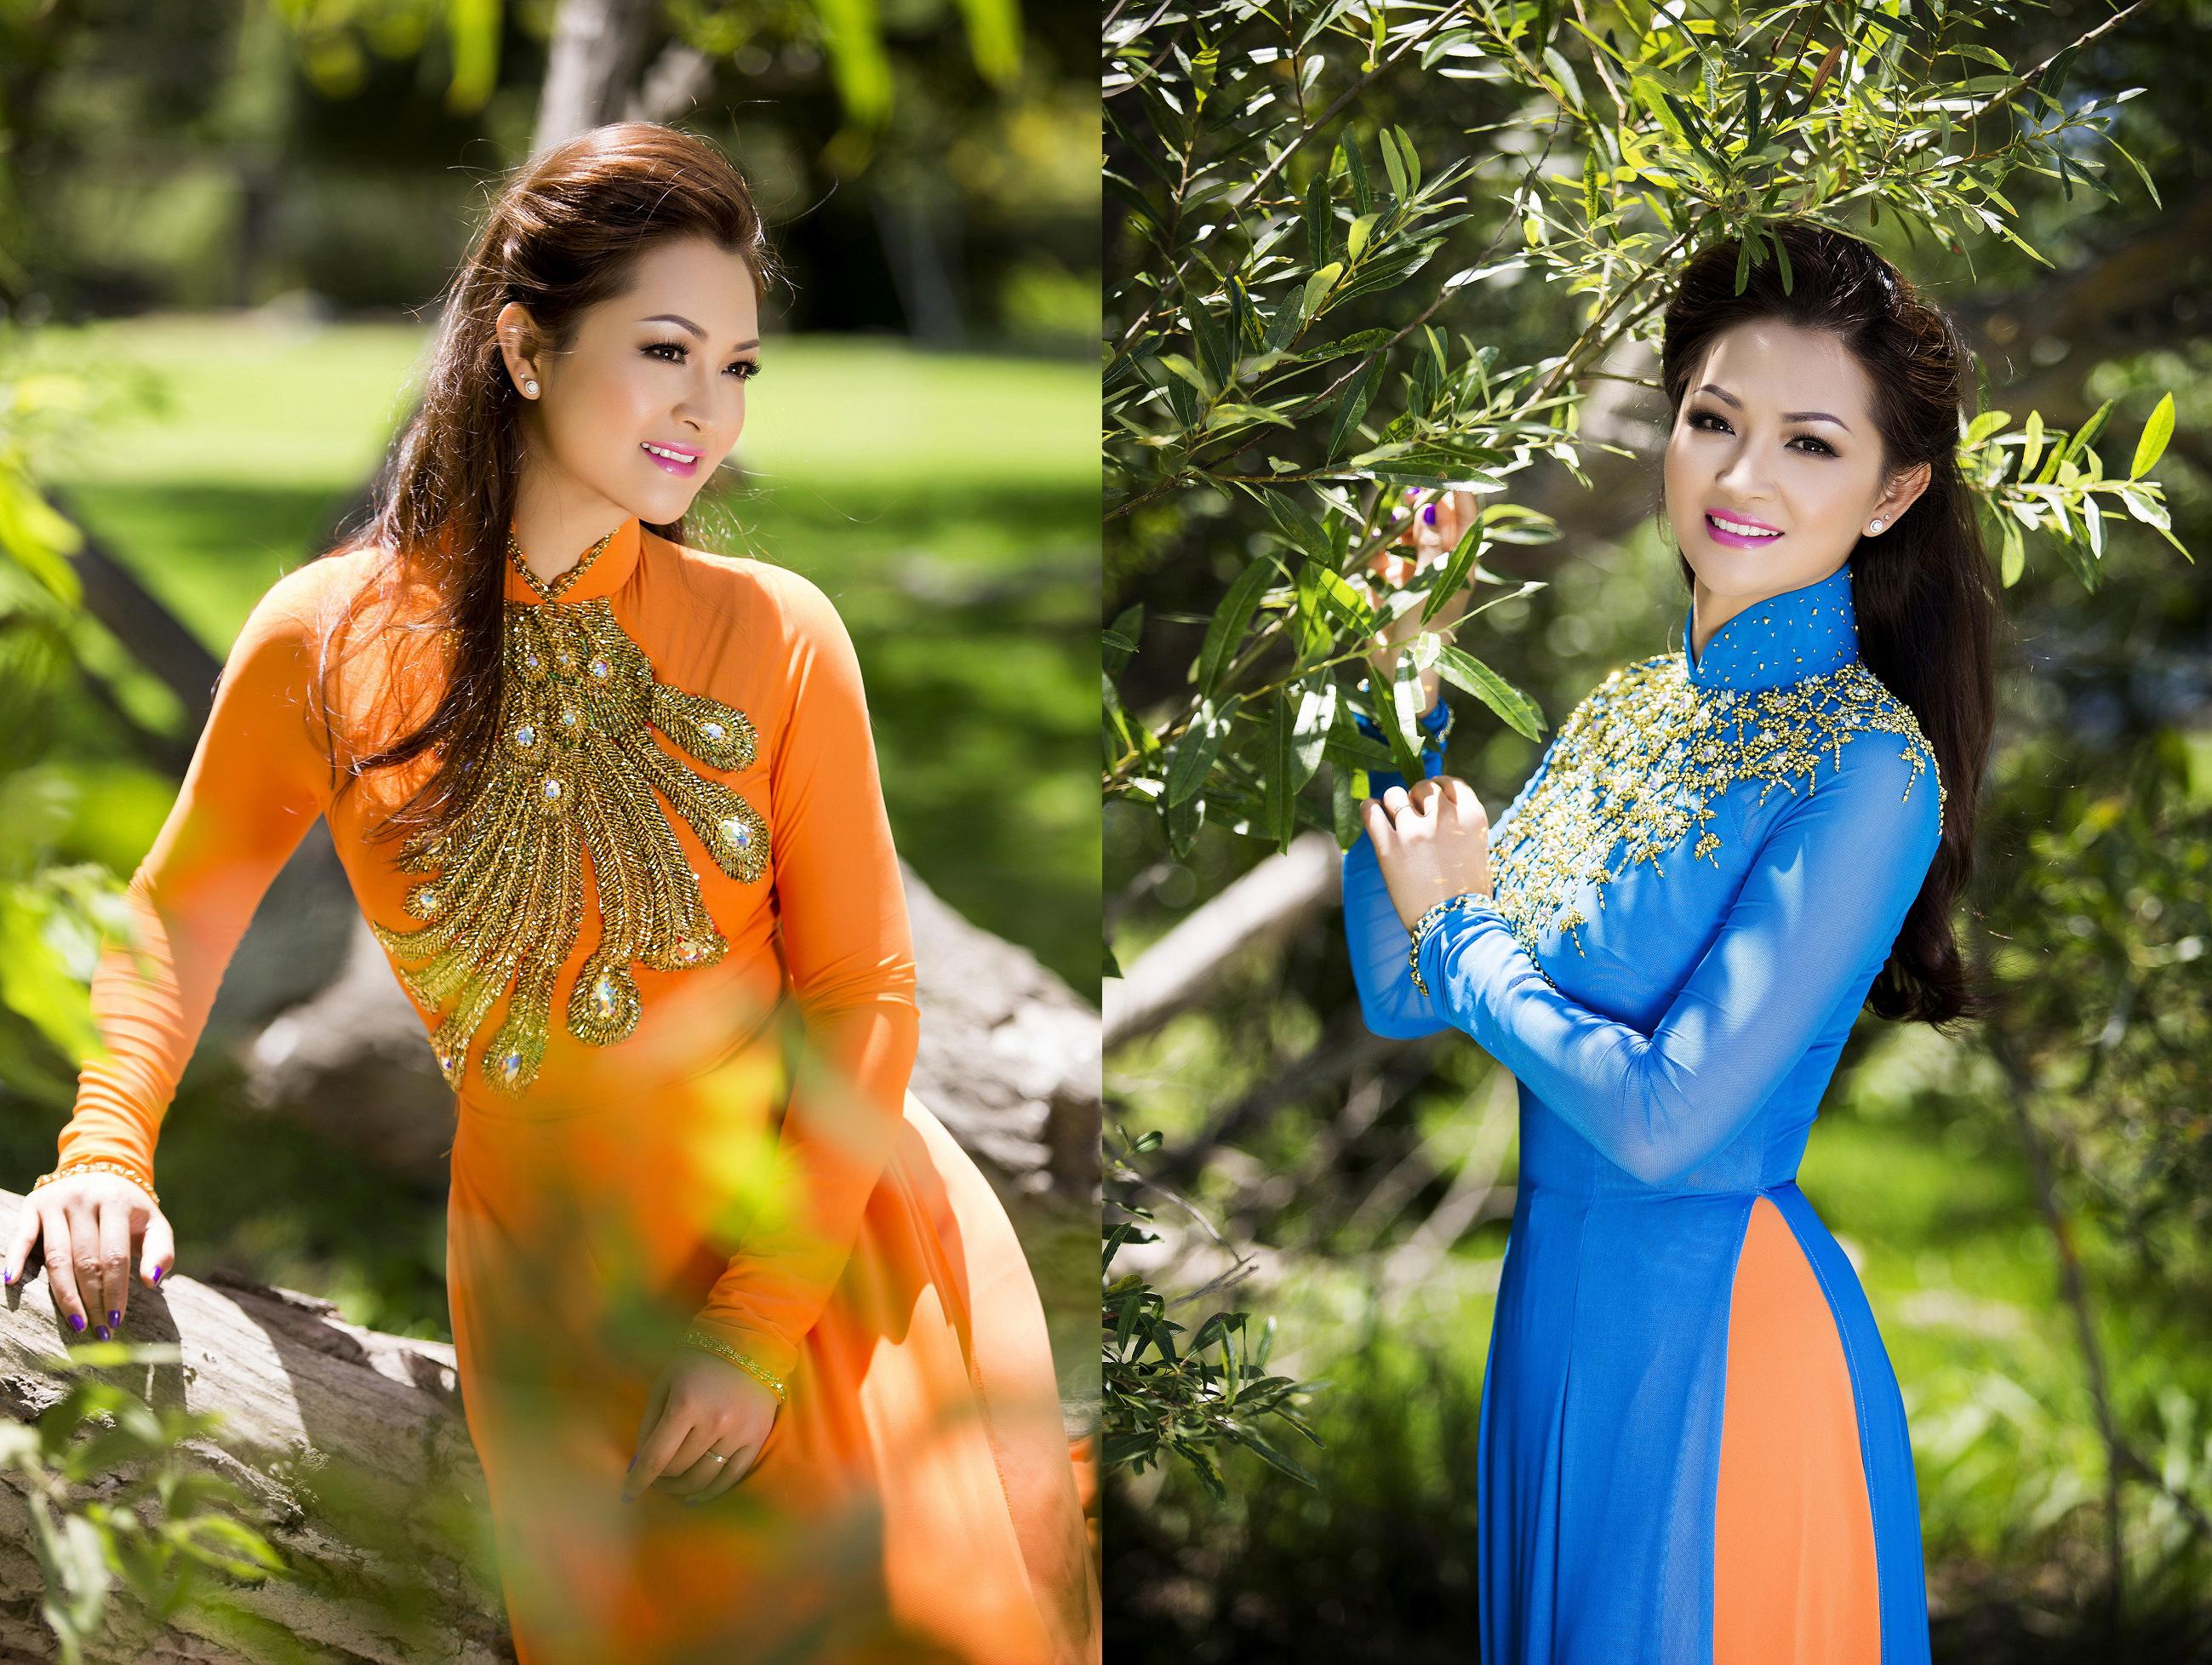 Vẻ đẹp tài sắc vẹn toàn của Nathalee Trương – vợ Minh Chánh